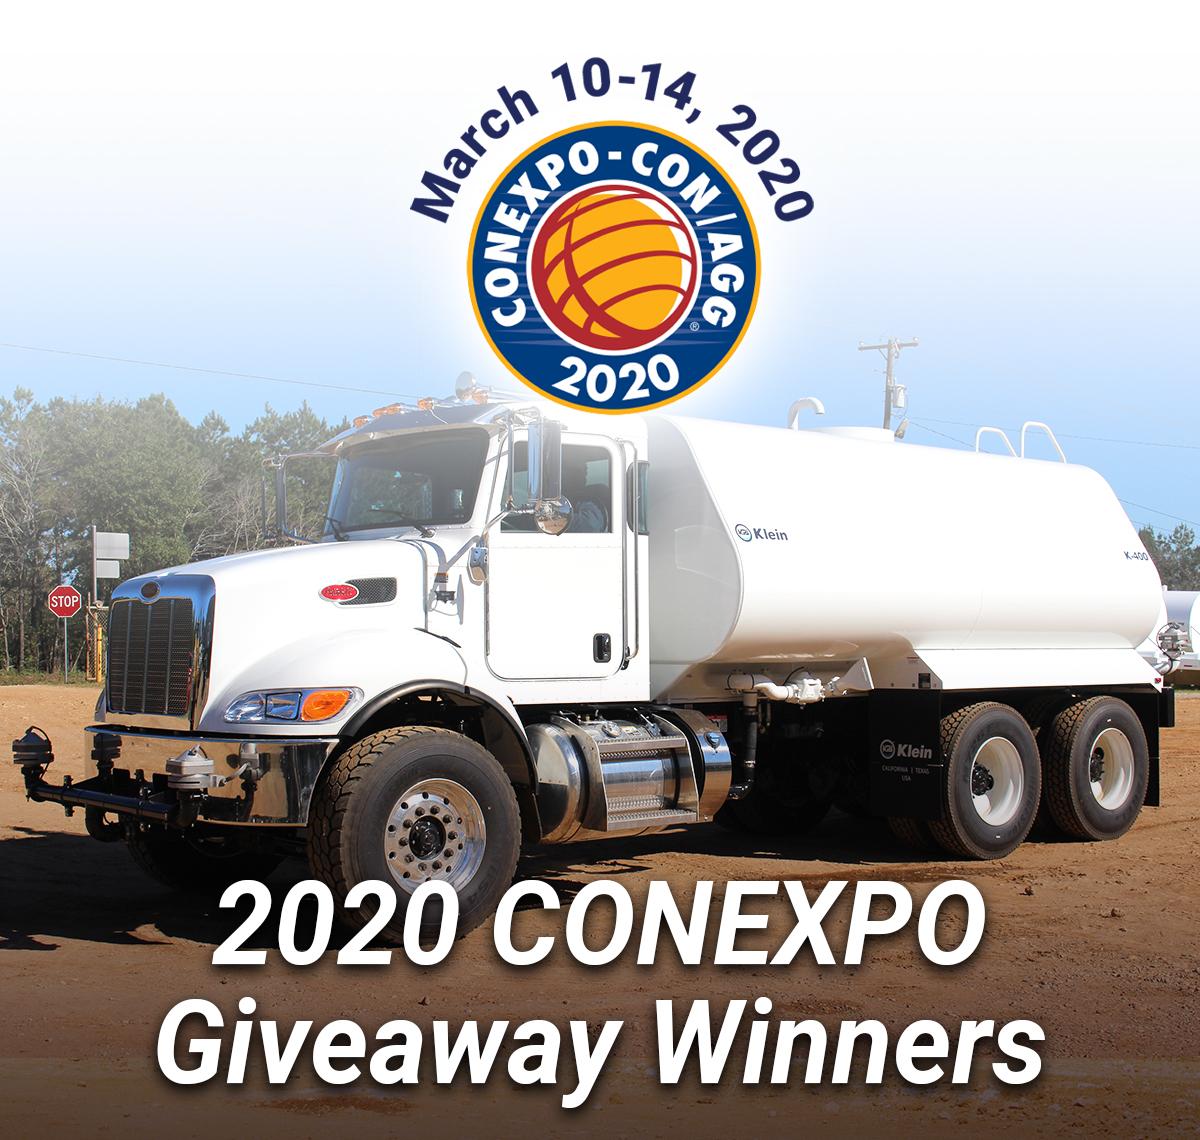 Klein ConExpo Giveaway